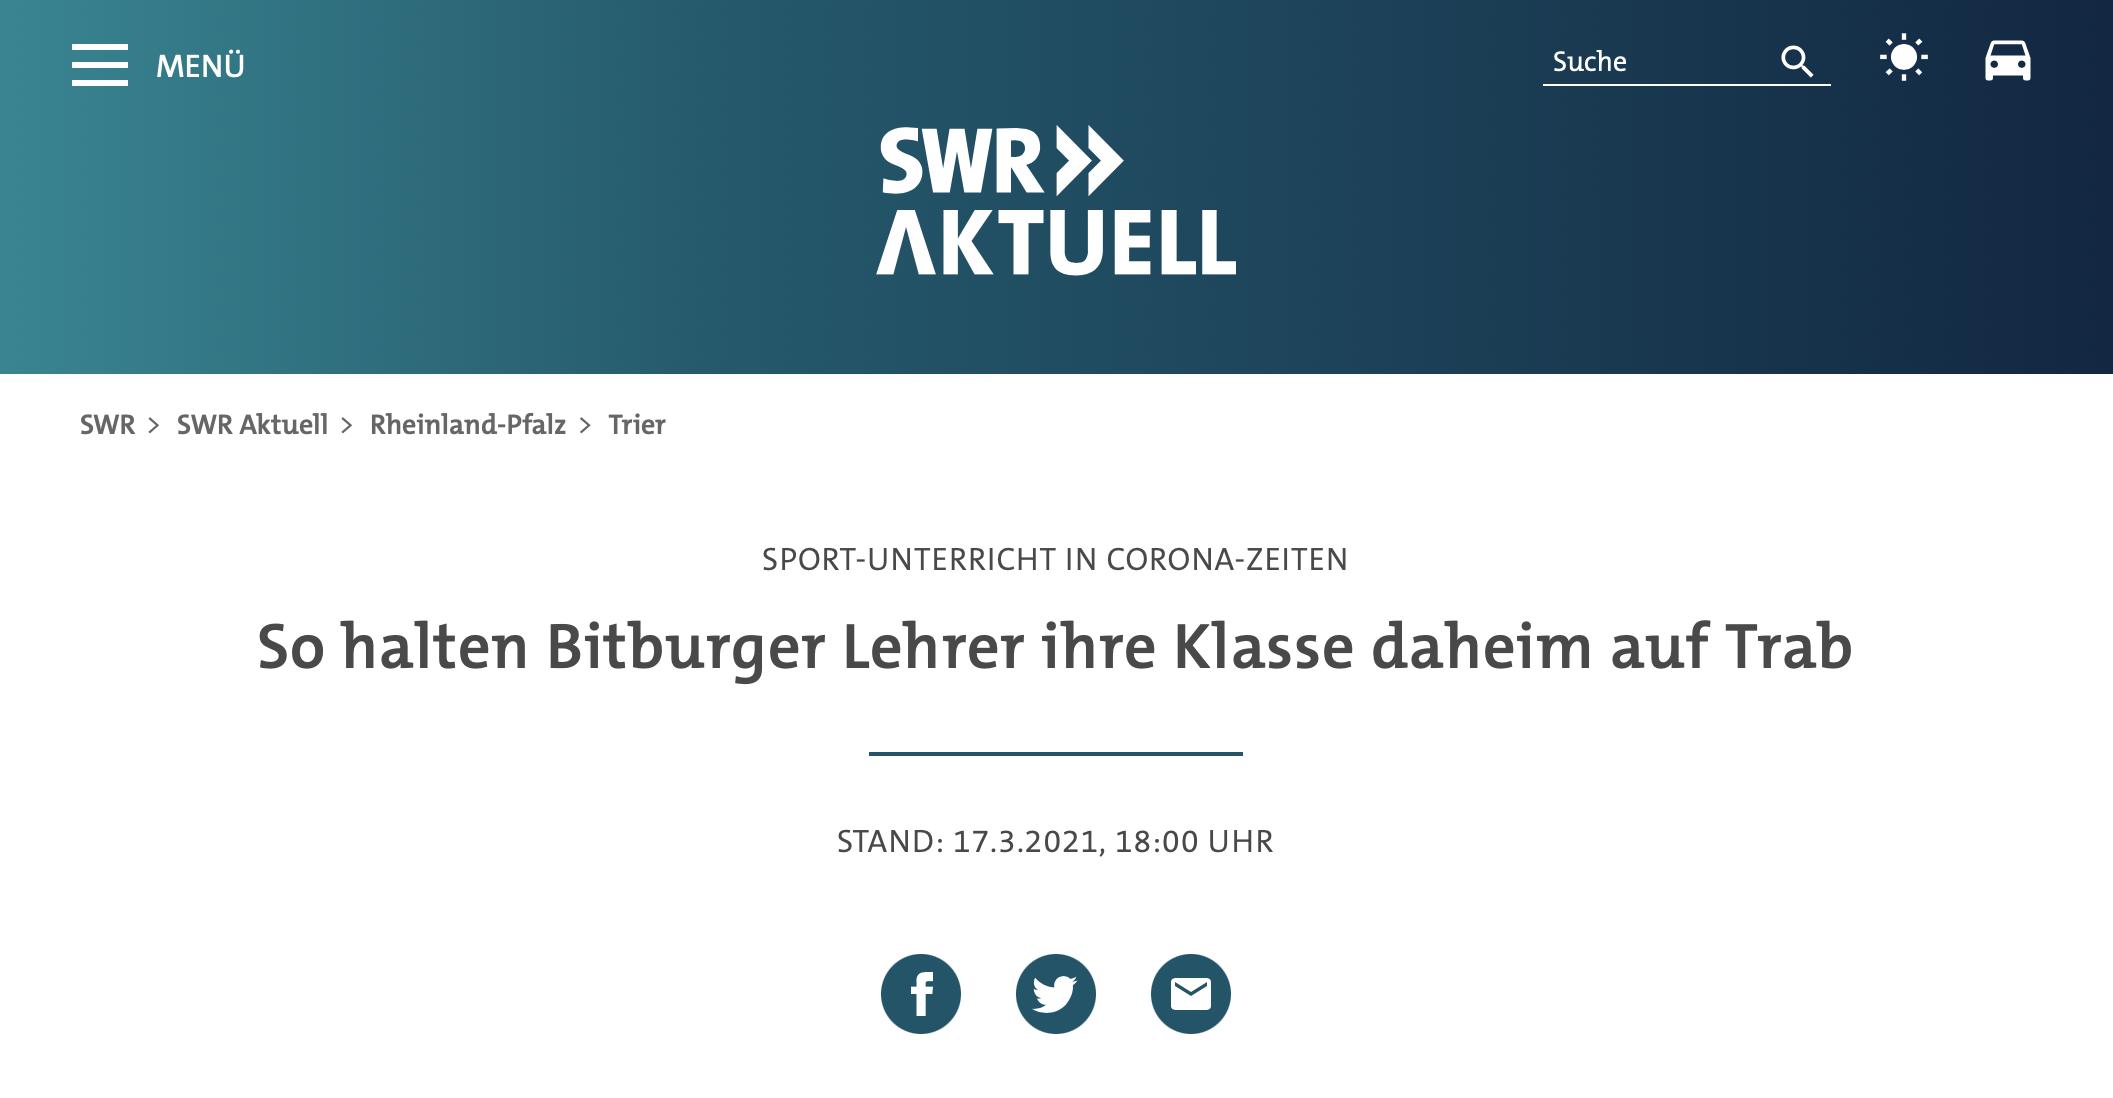 SWR Aktuell berichtet über die Home-Workouts von Marc Ernst & Philipp Kesse